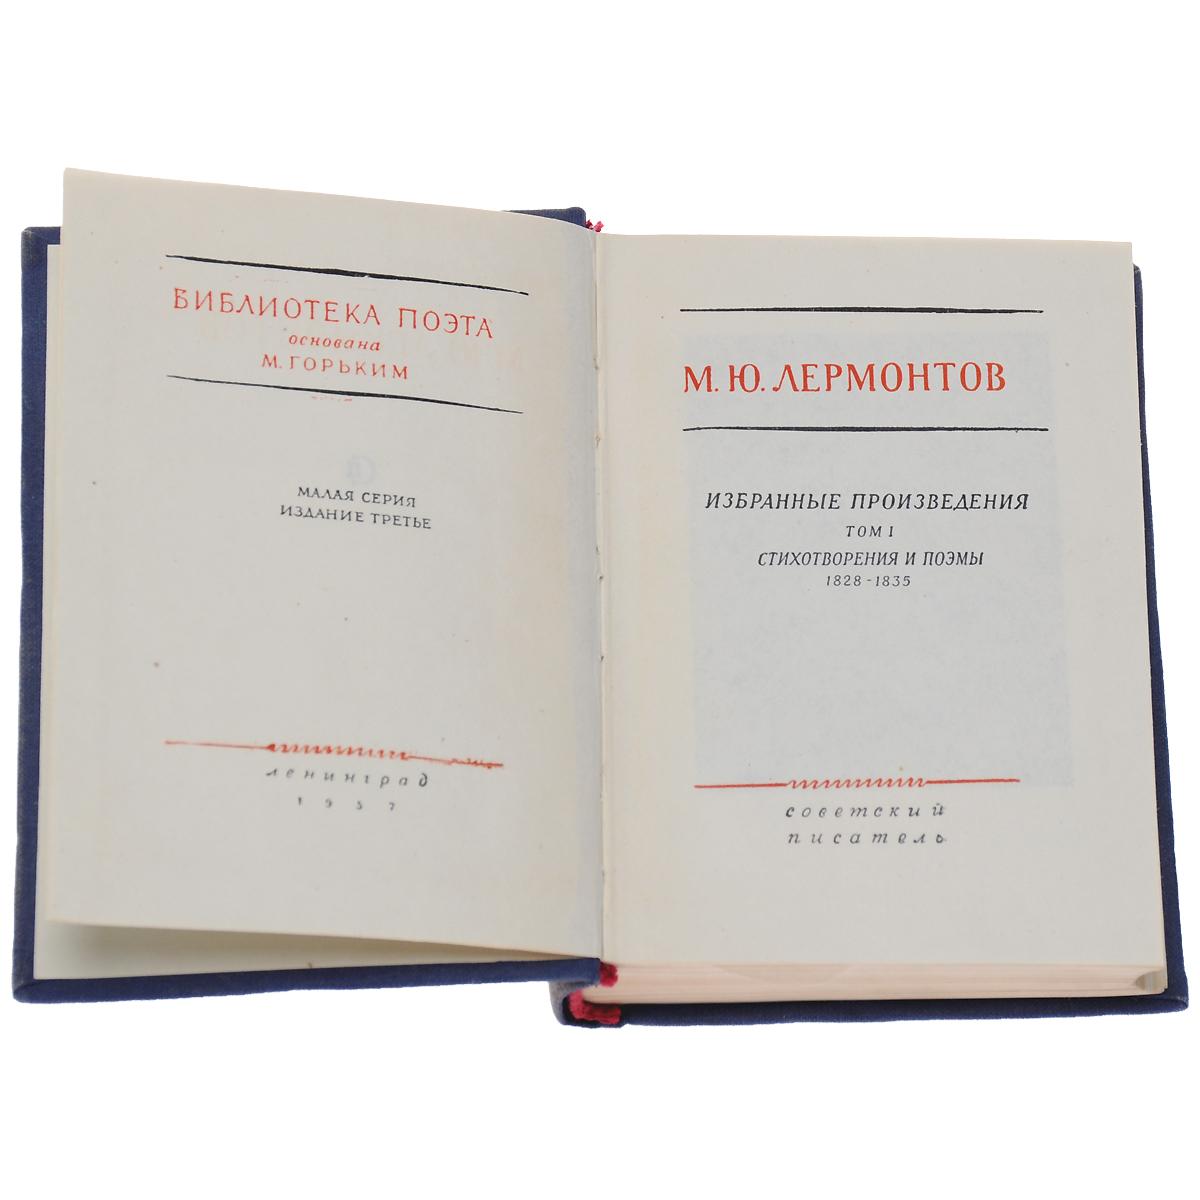 Лермонтов. Стихотворения и поэмы. 1828-1835